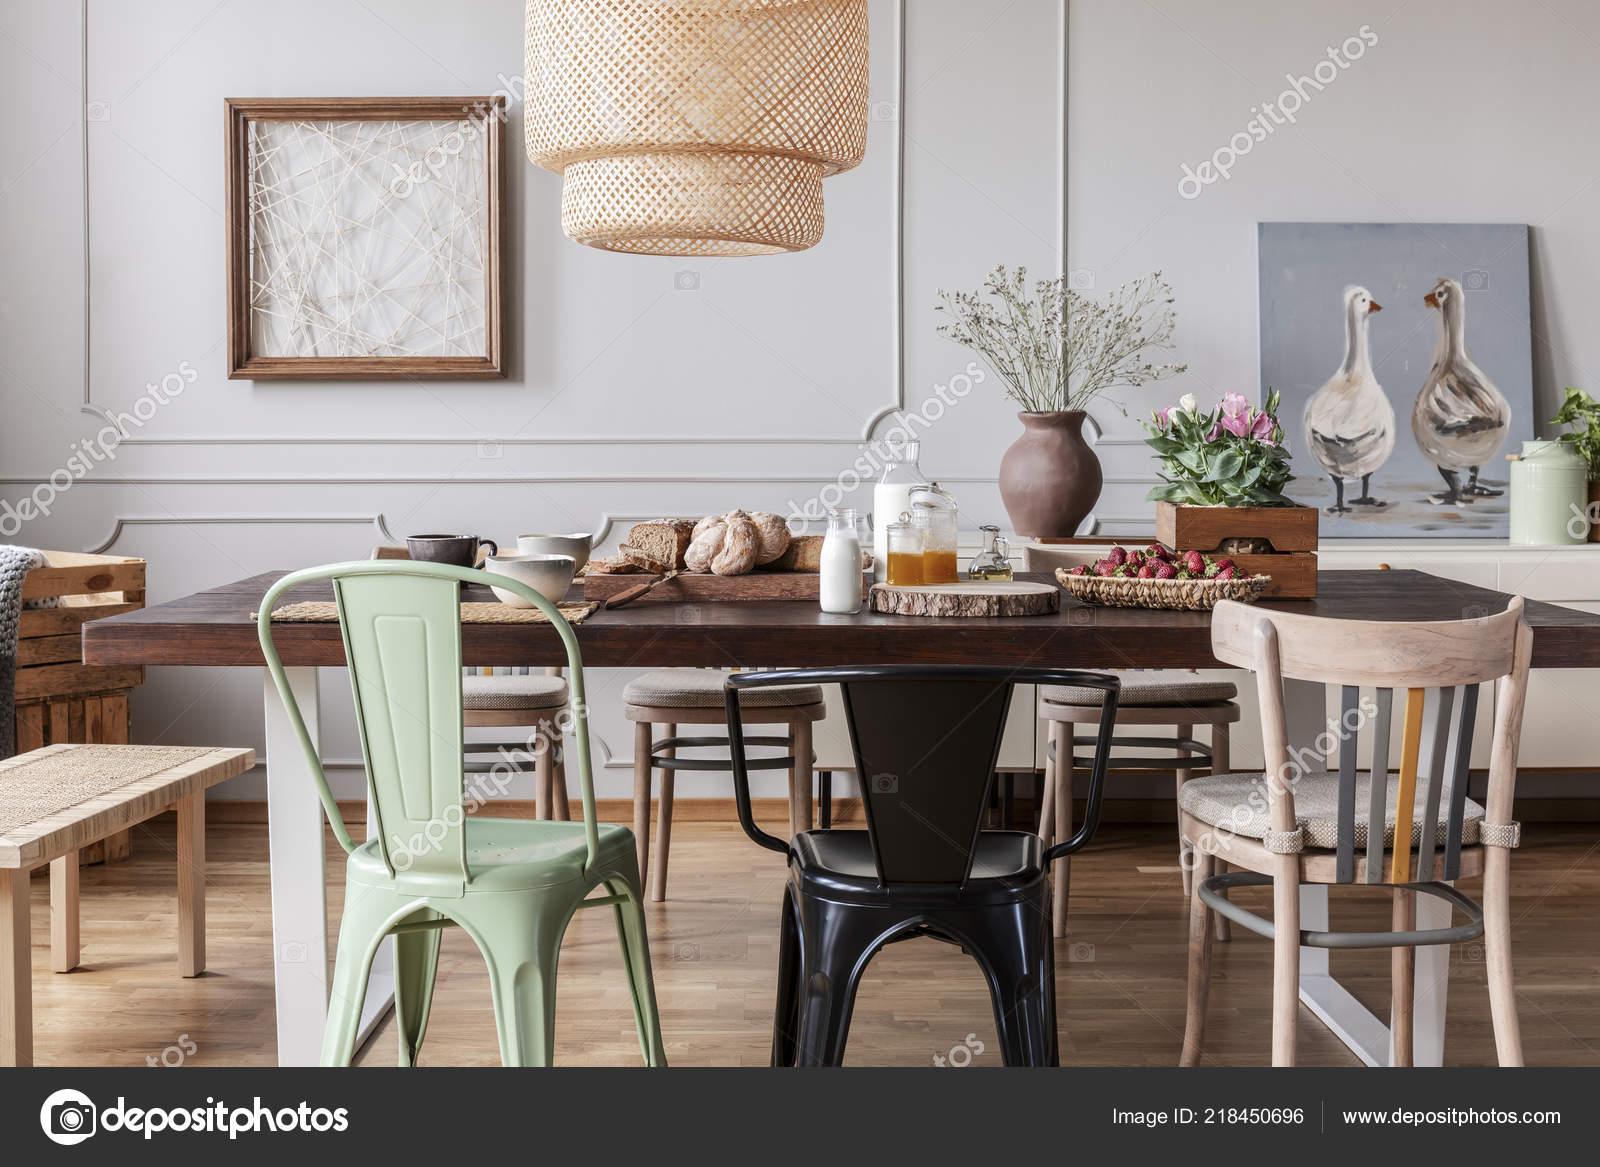 Chaises Colorees Une Table Bois Dans Interieur Salle Manger Gris